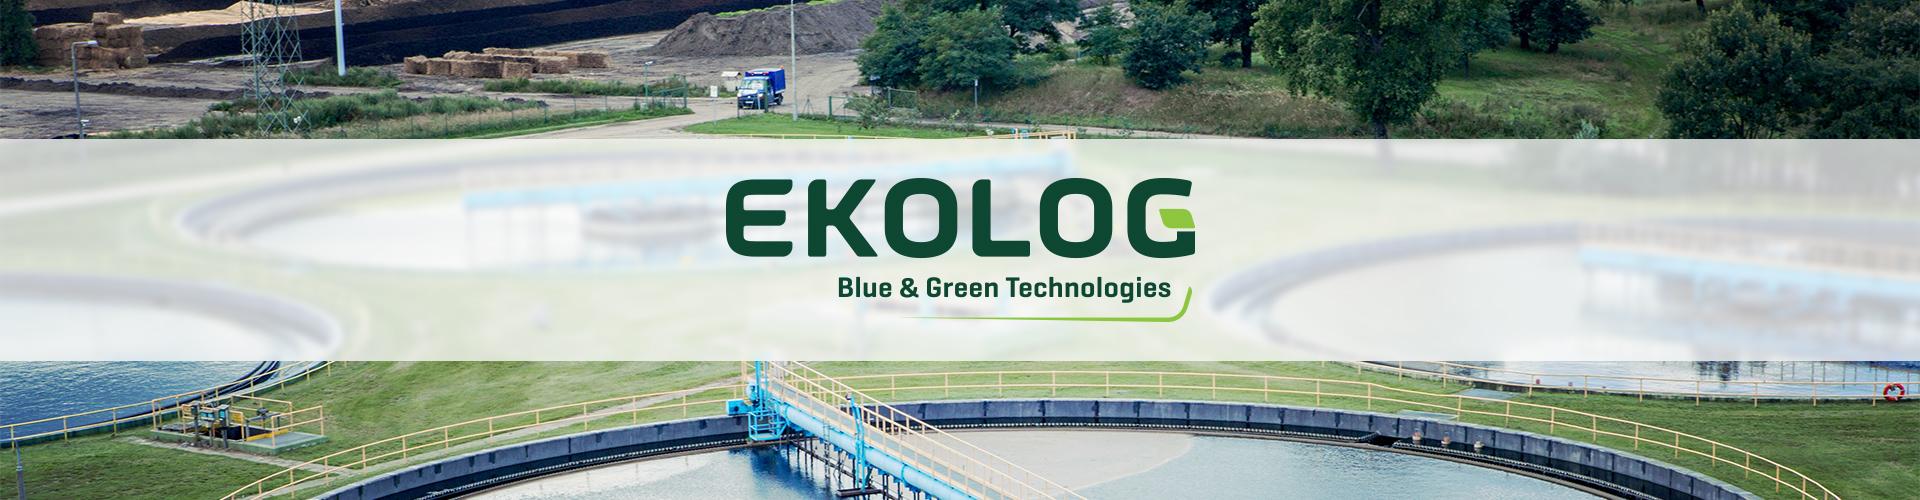 Realizacja strony internetowej Ekolog